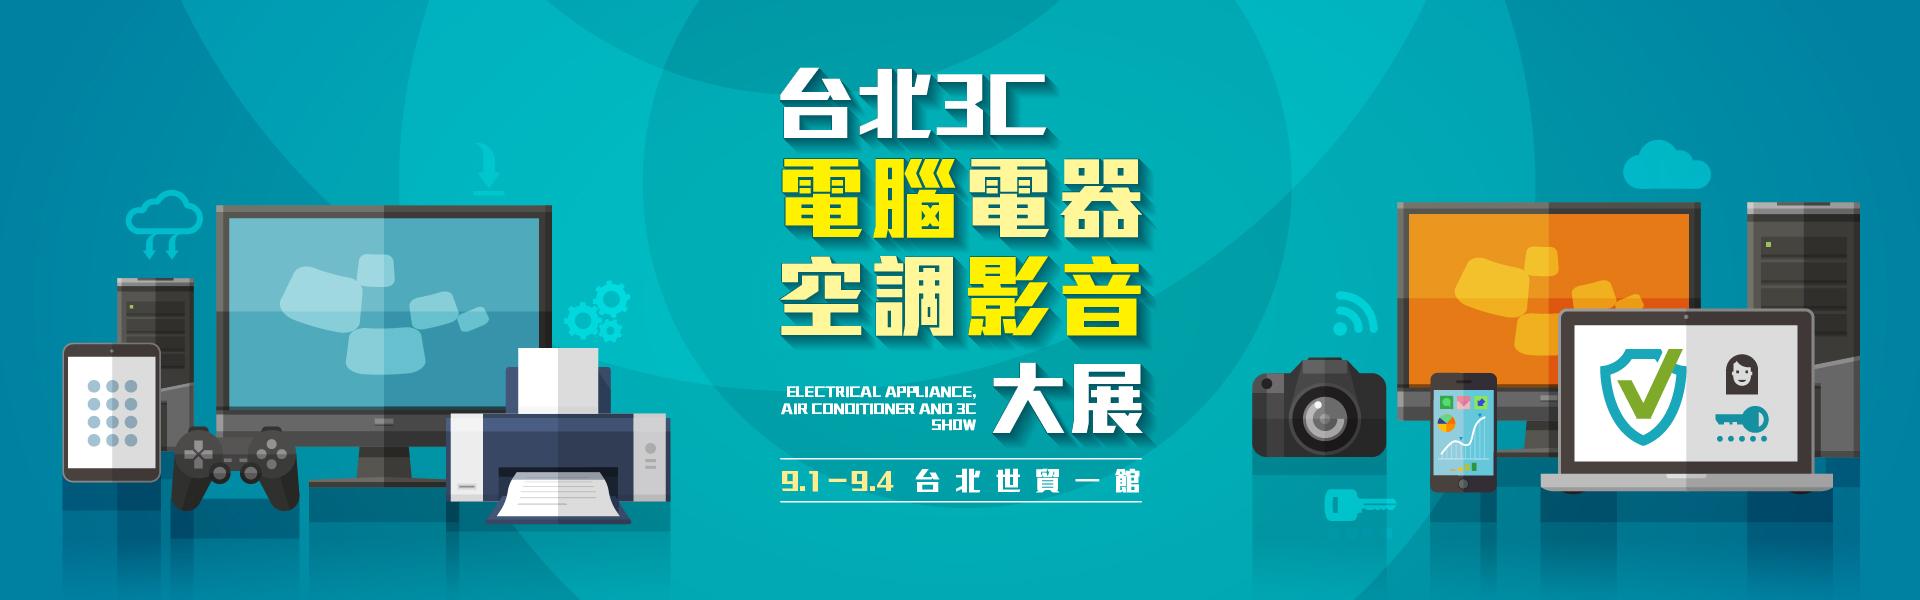 台北3C展